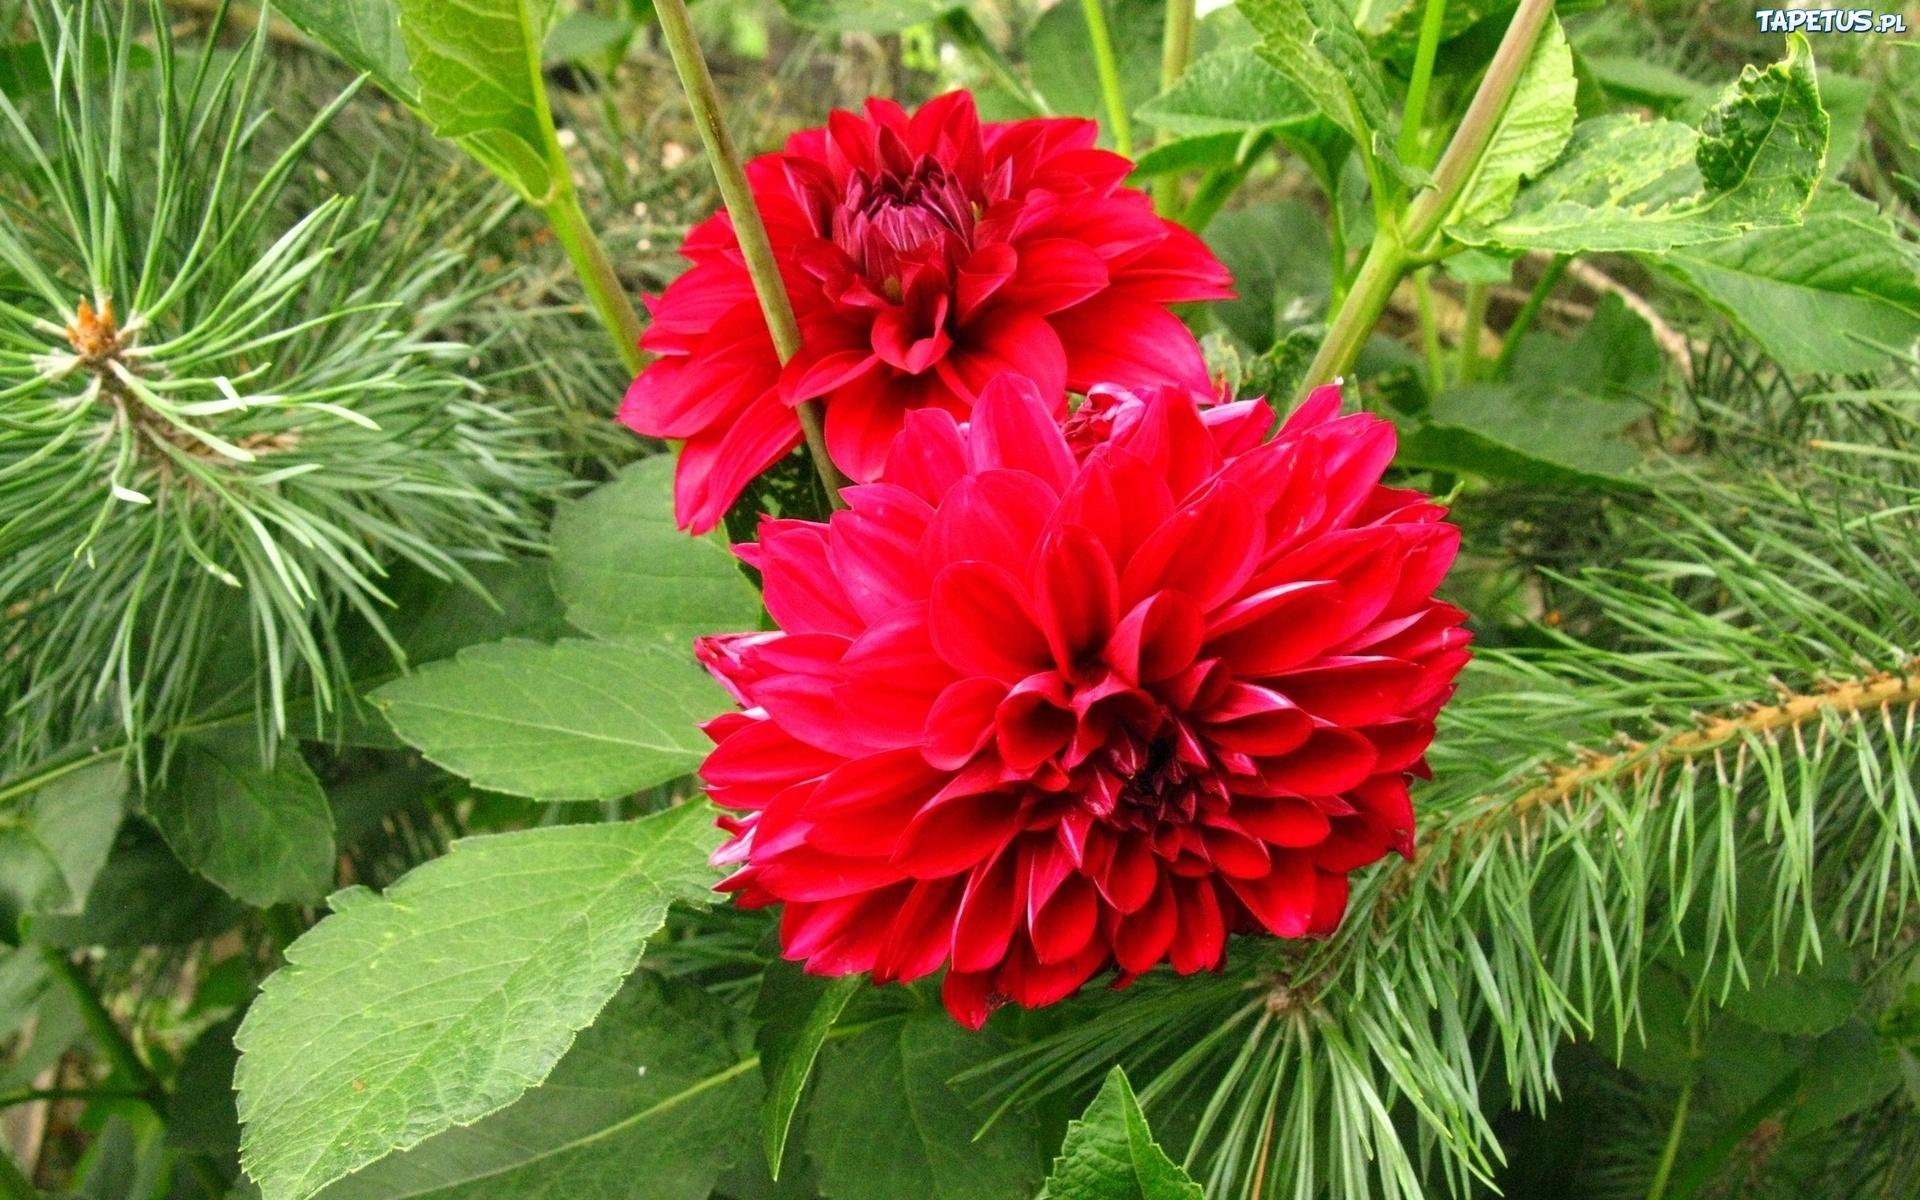 Красный цветок георгин бесплатно